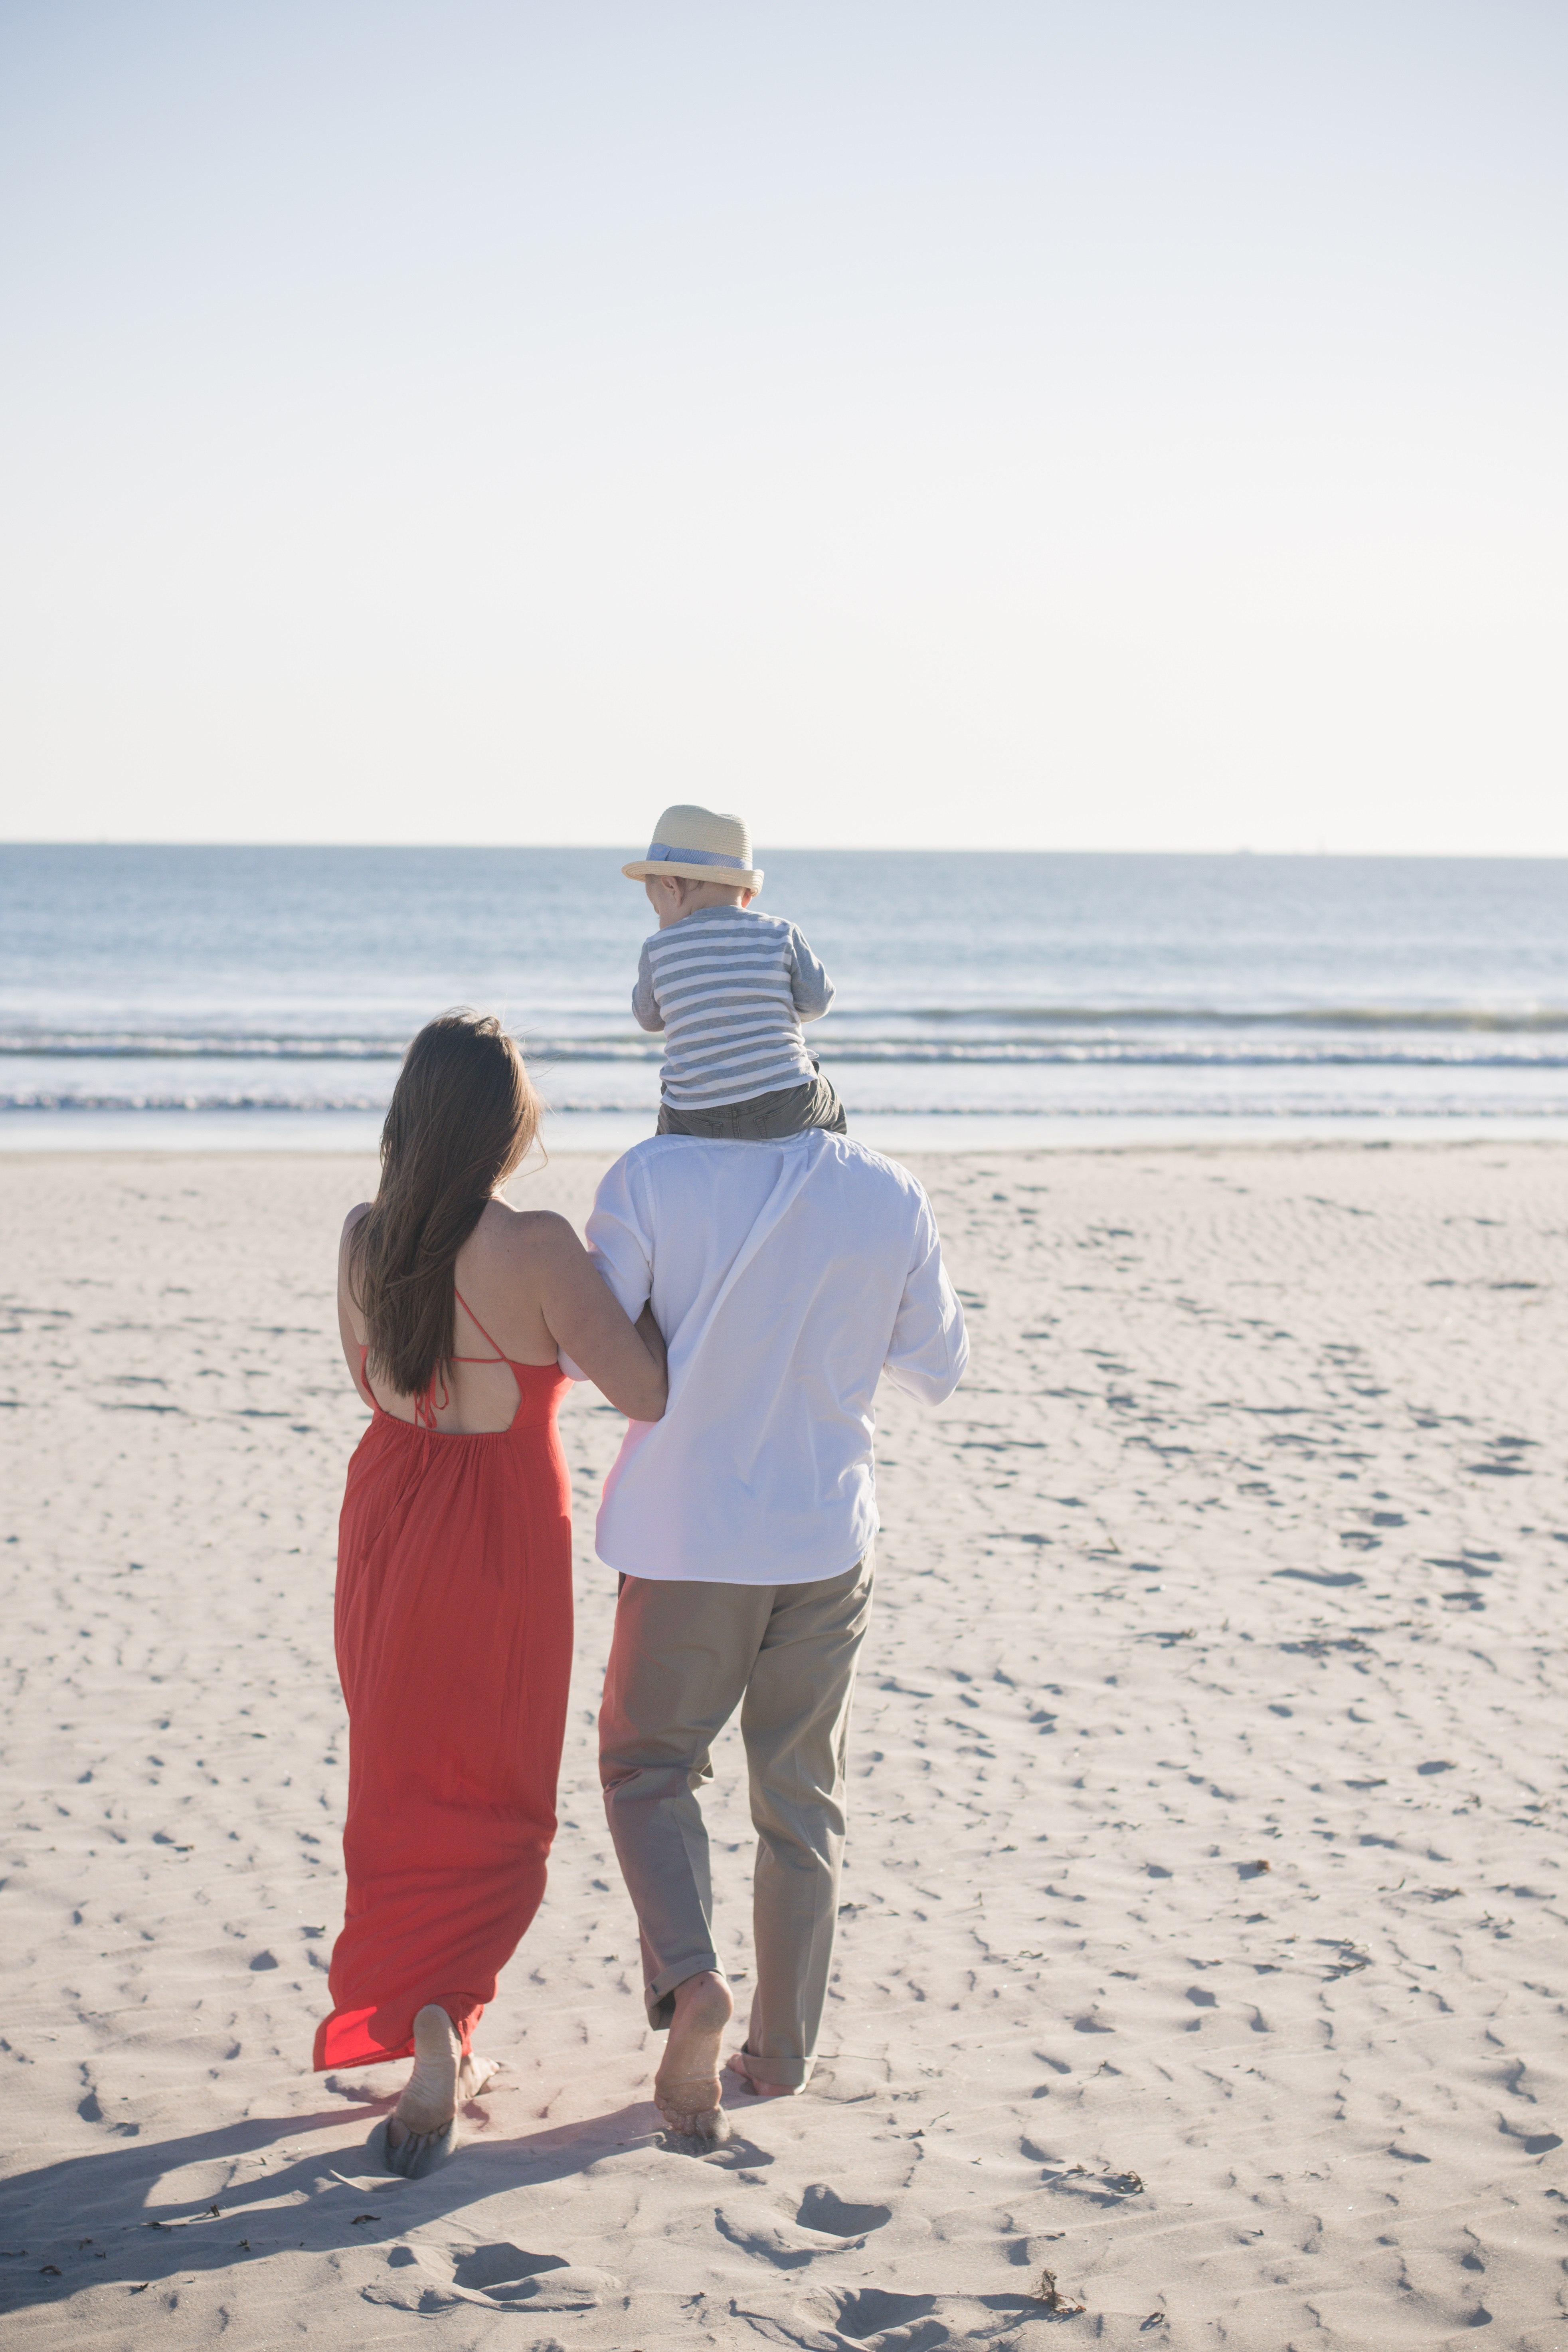 San Diego Photographer | Beach Photographer San Diego